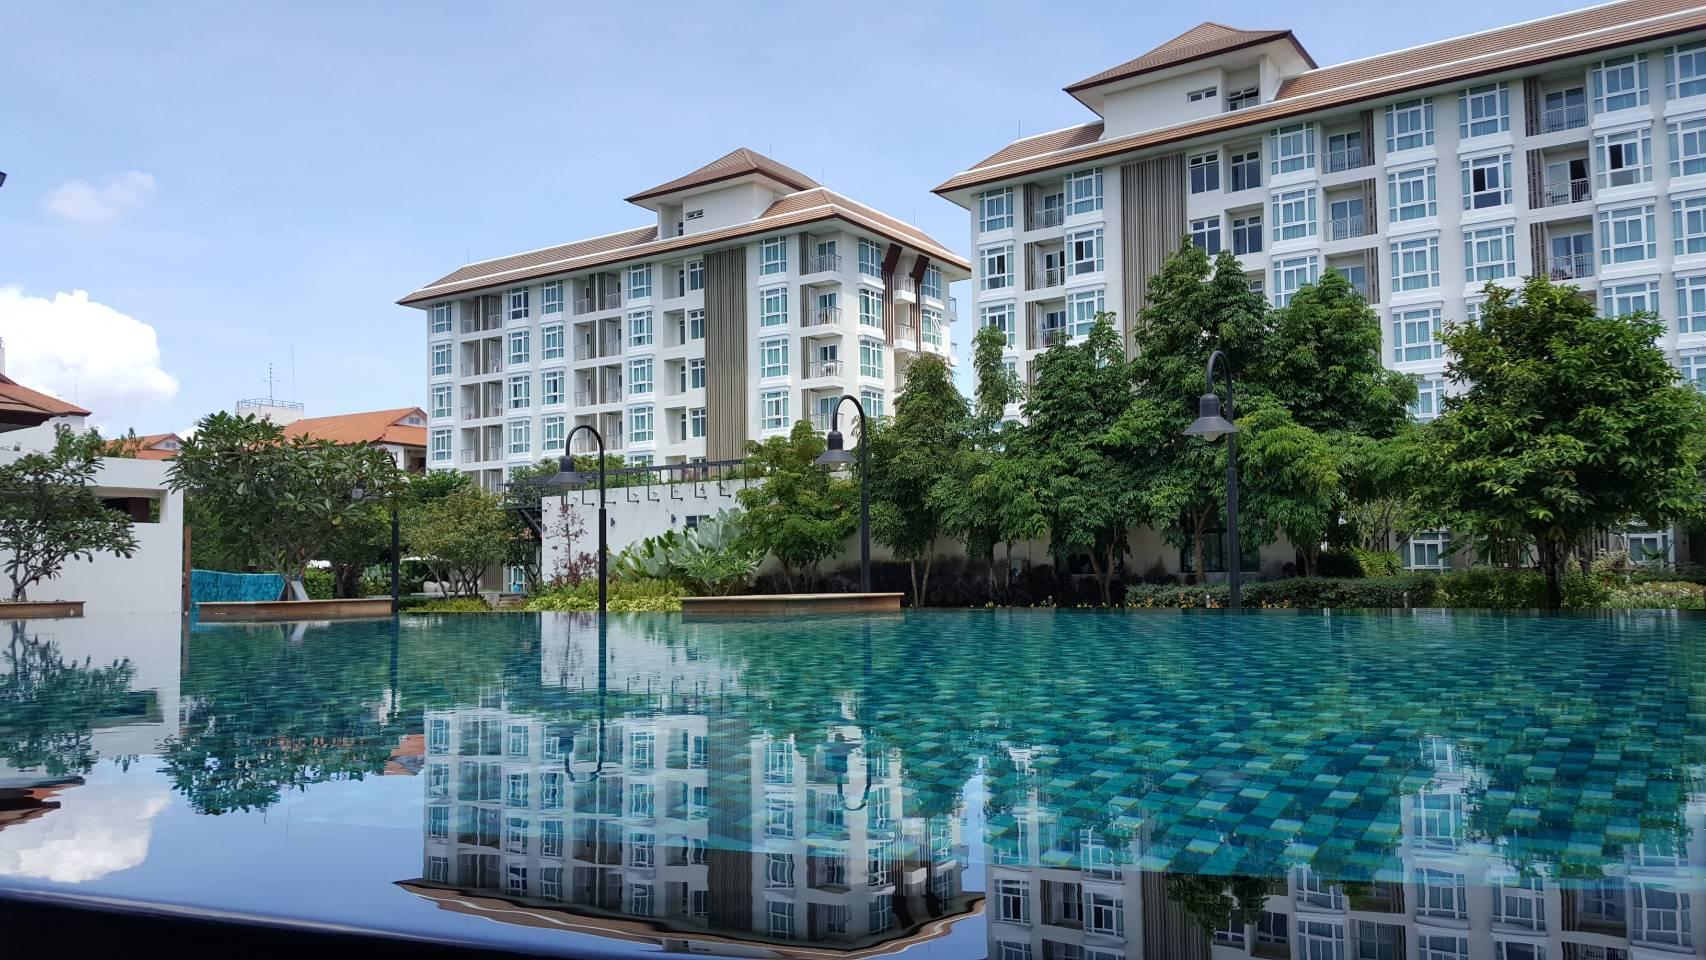 โรงแรมฮาร์โมนี รีสอร์ต (Harmony Resort Hotel)